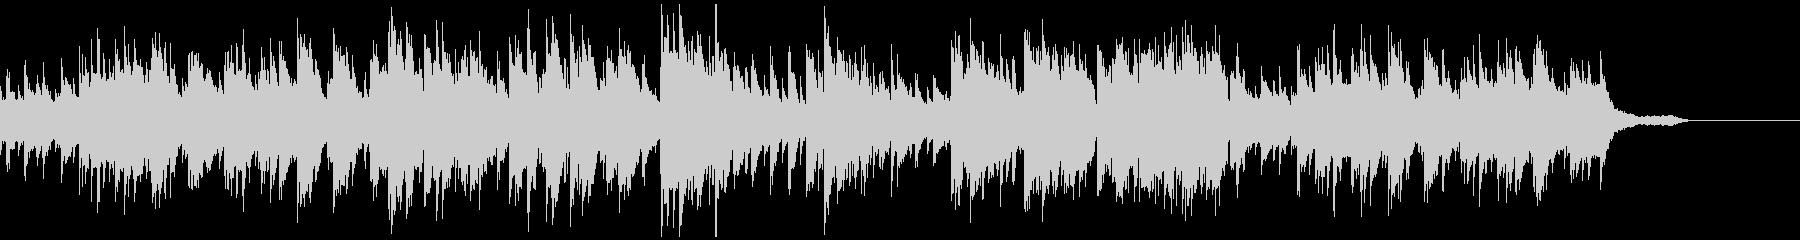 神秘的なオルゴールとピアノのワルツの未再生の波形